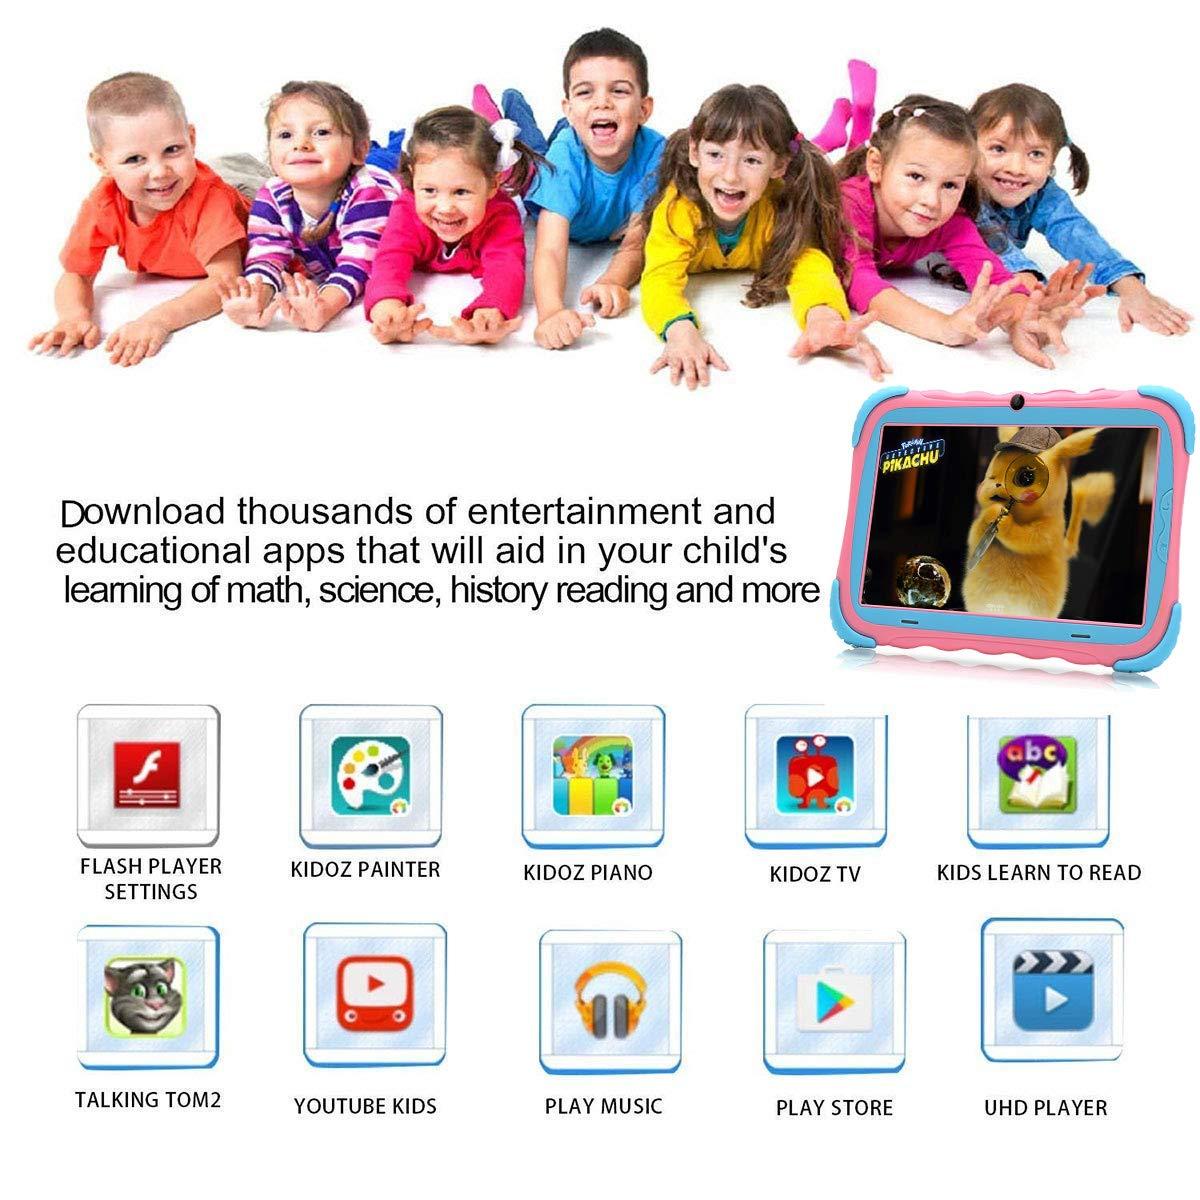 Tablet para Niños 7 Pulgadas Android 7.1 Quad Core 16GB Google Play Store Pantalla IPS HD WiFi Bluetooth y Doble Cámara Certificación Babypad GMS ...